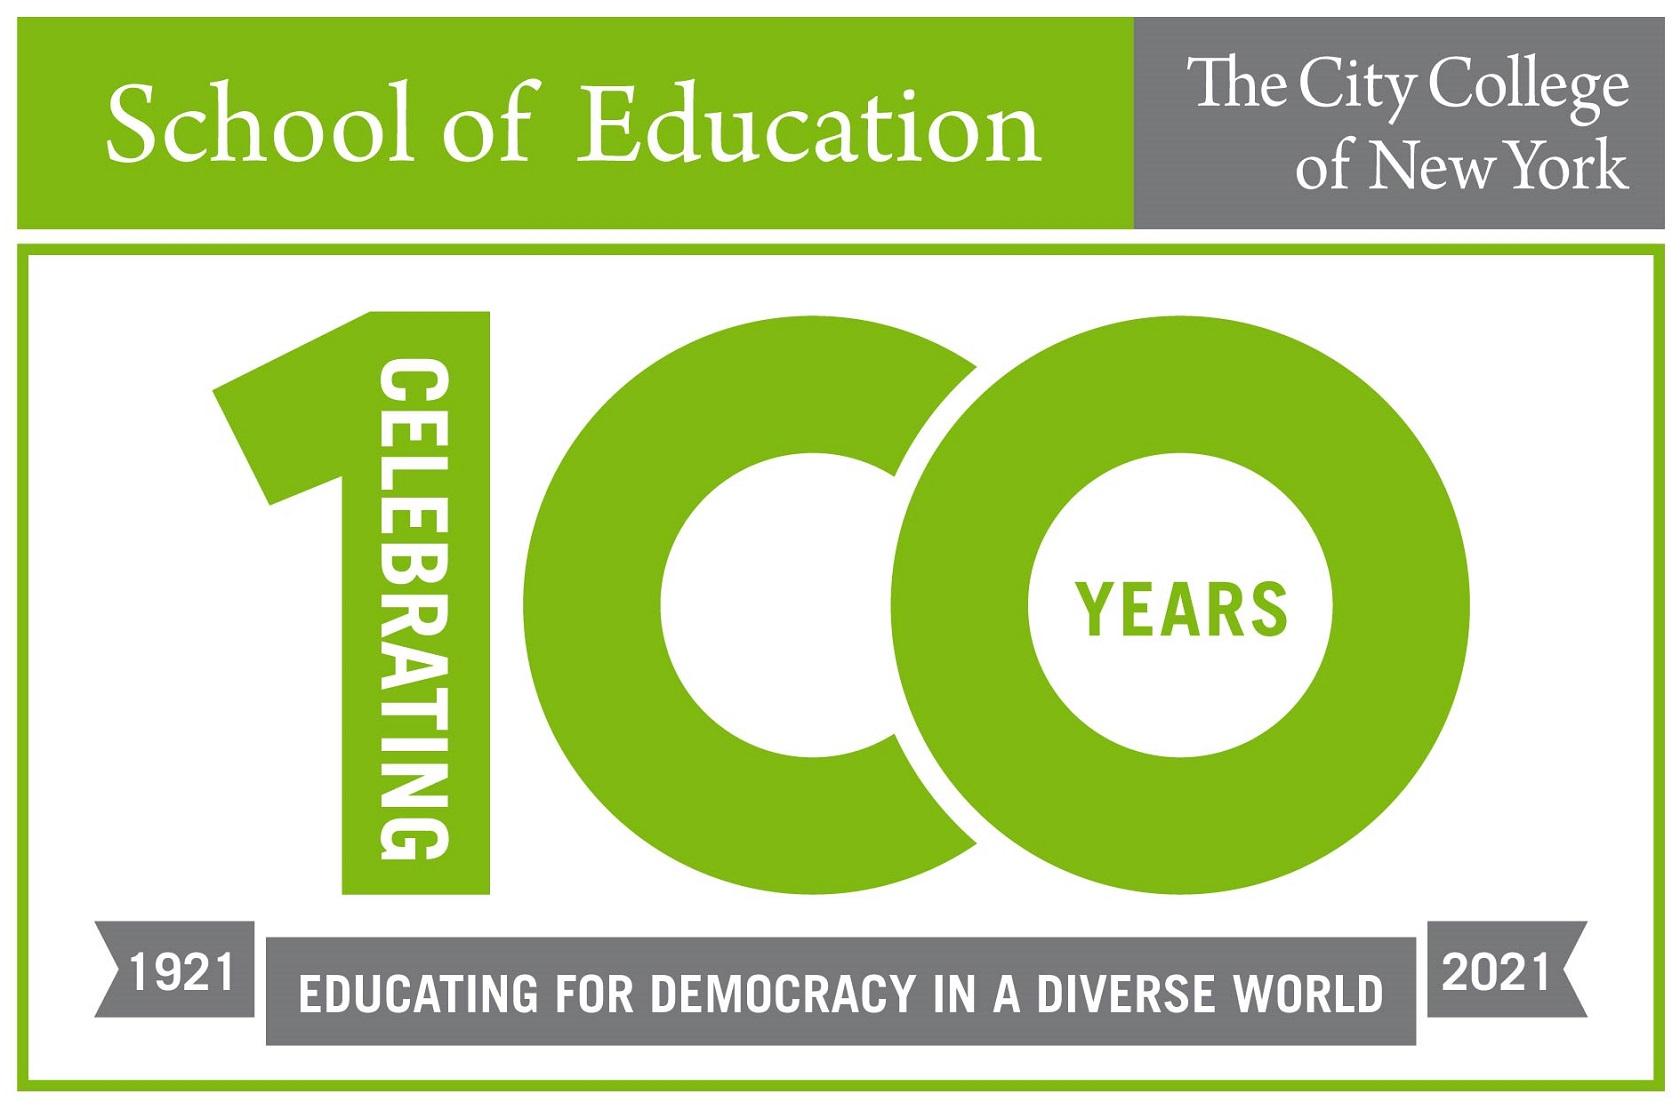 Ccny Calendar Fall 2022.Our Centennial Celebration 2021 2022 The City College Of New York